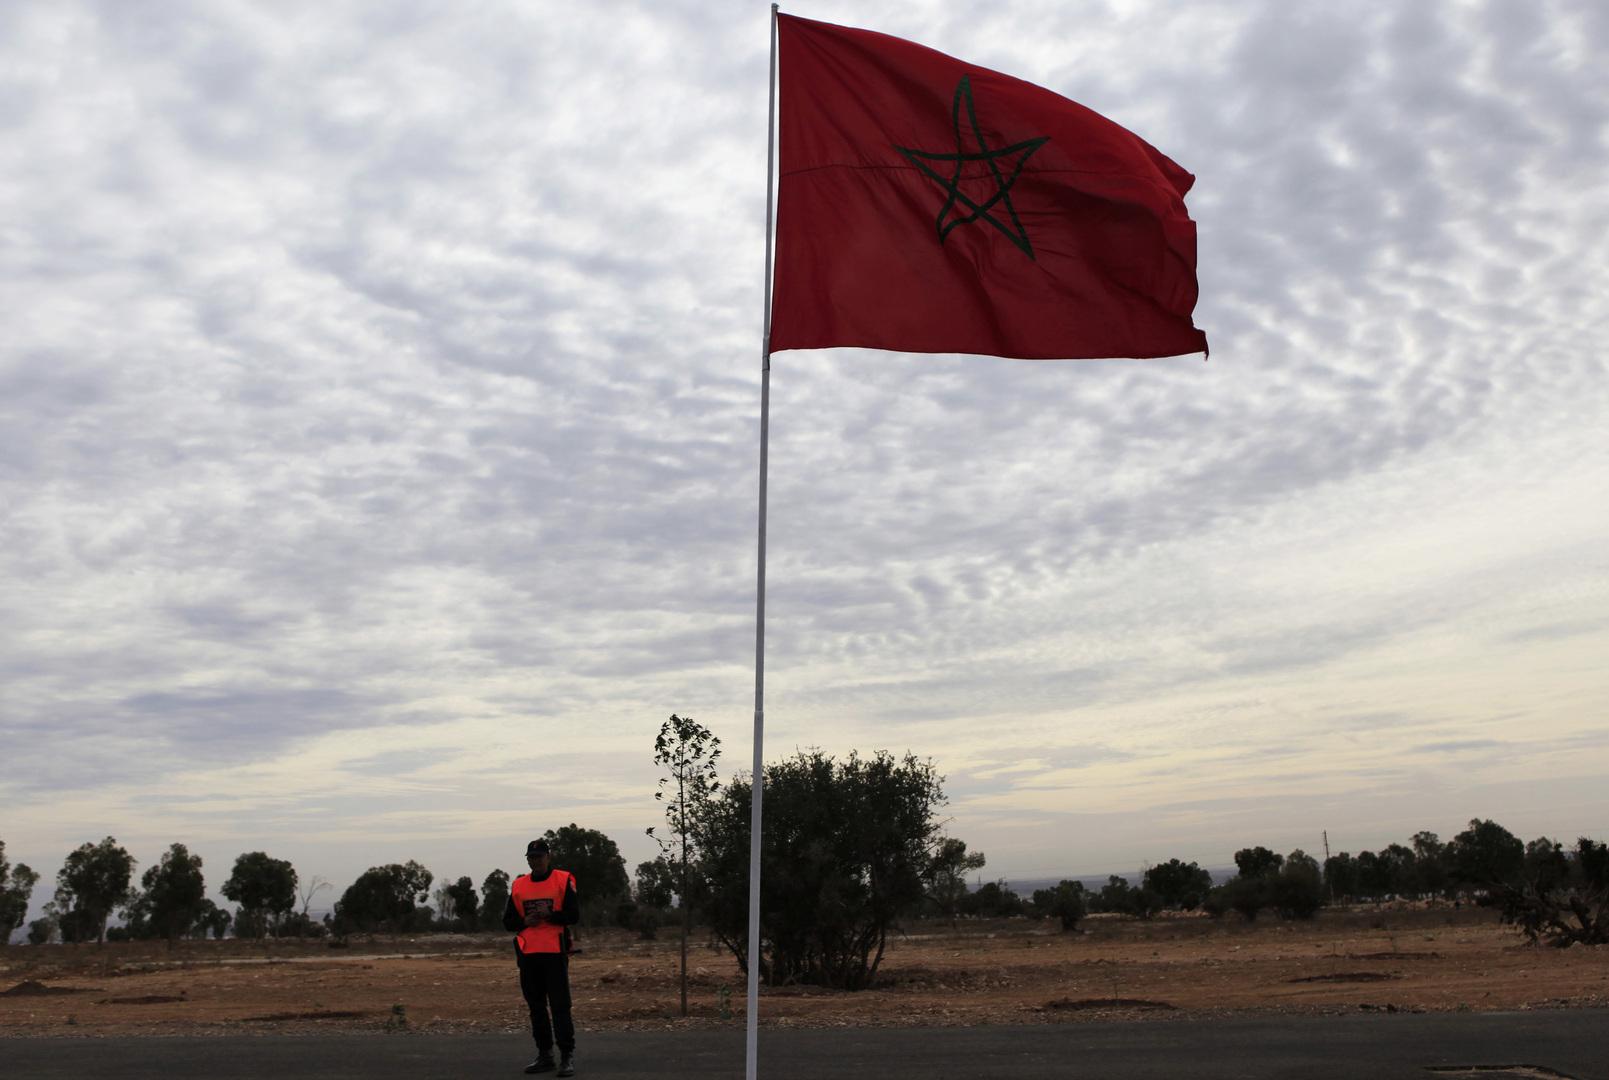 المغرب.. الحكم بالسجن 6 سنوات على صحفي أدين بالاعتداء الجنسي والتجسس